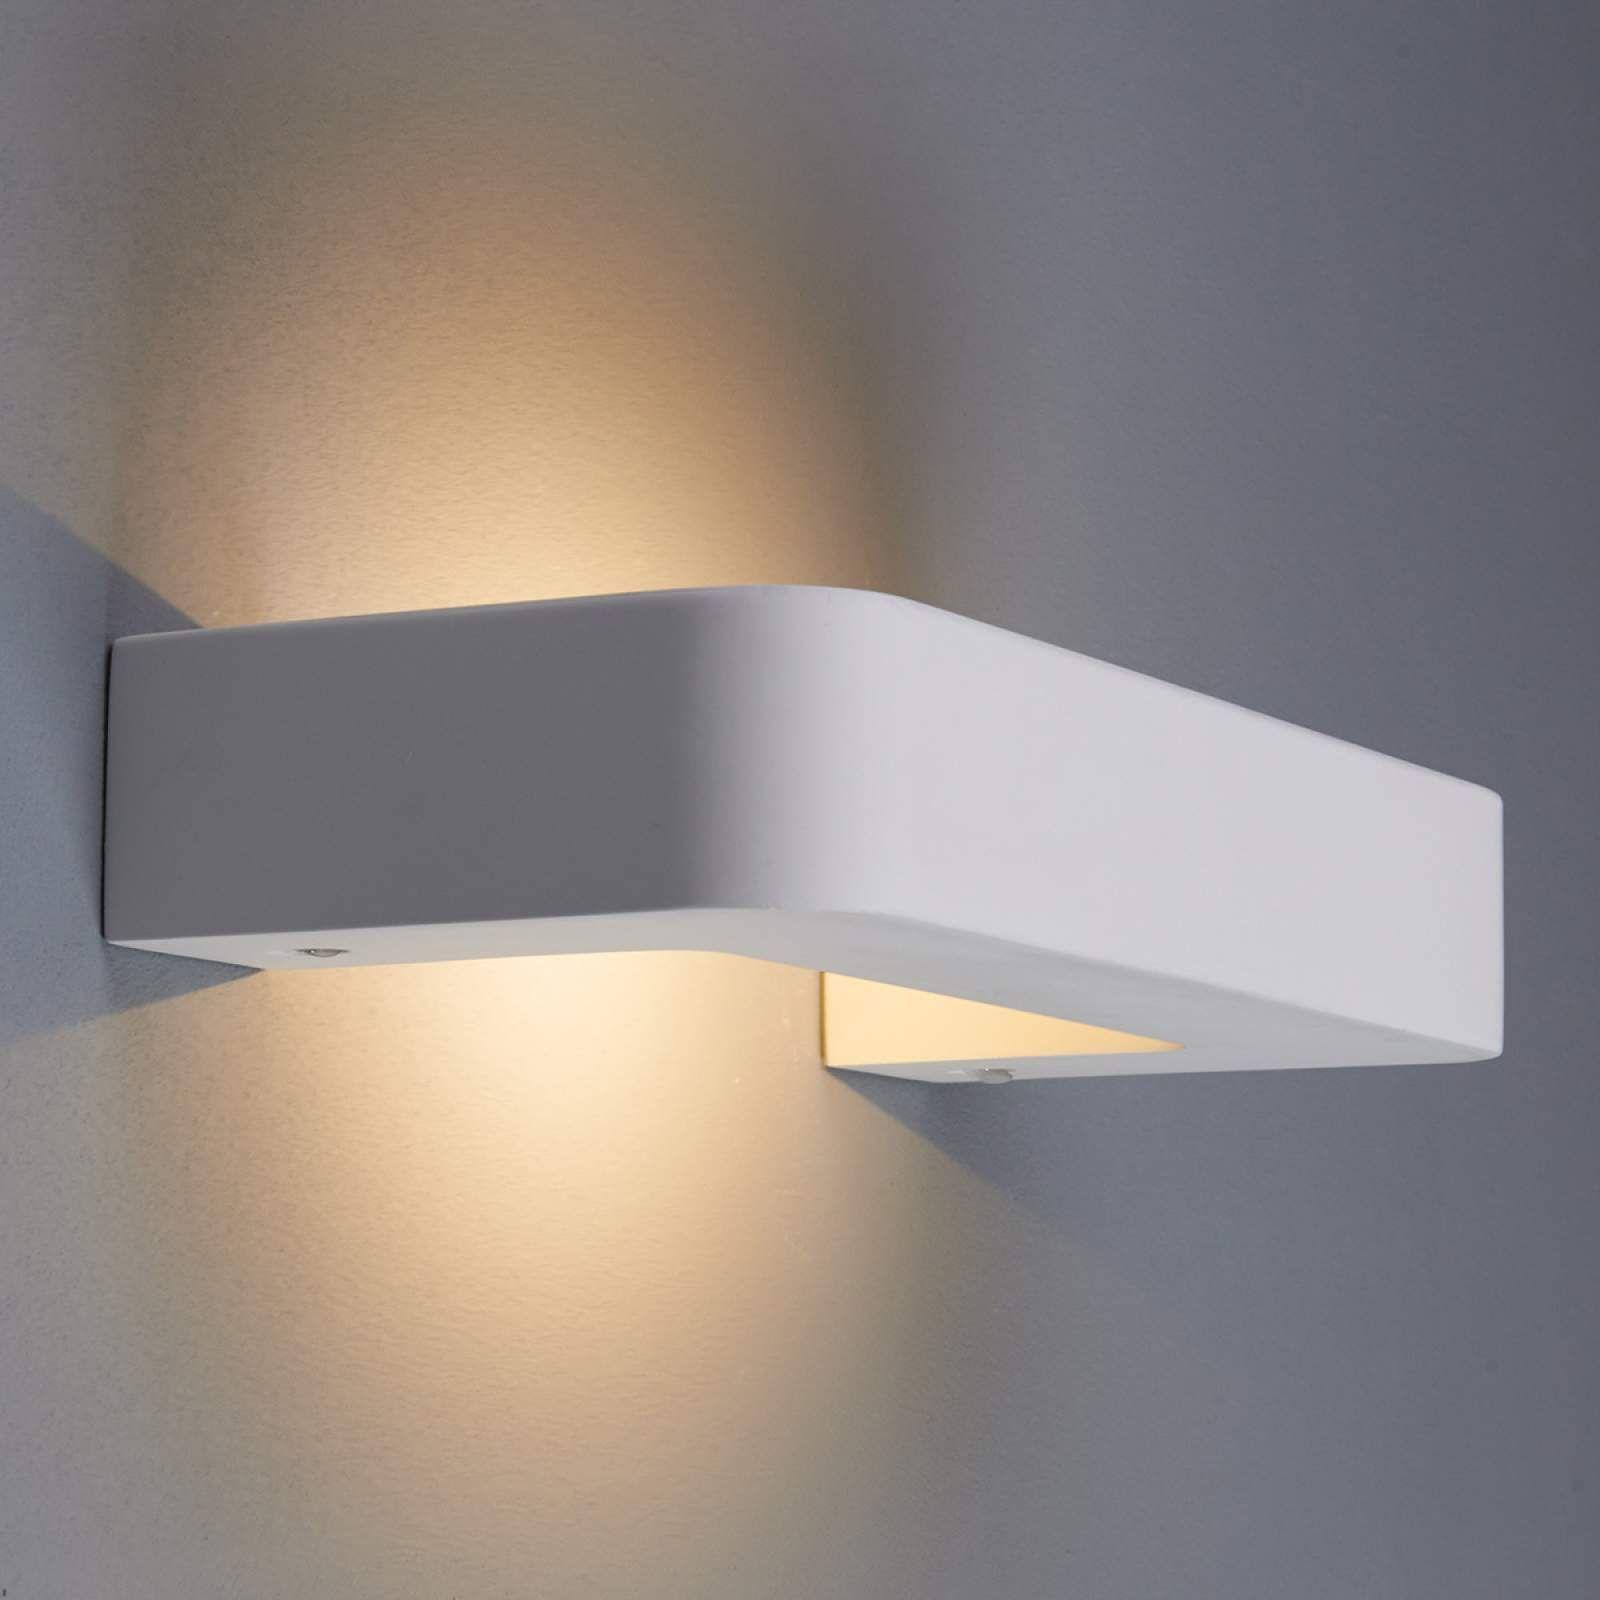 Moderne Wandleuchte Von Lampenwelt Com Weiss In 2020 Wandleuchte Innendekoration Und Wande